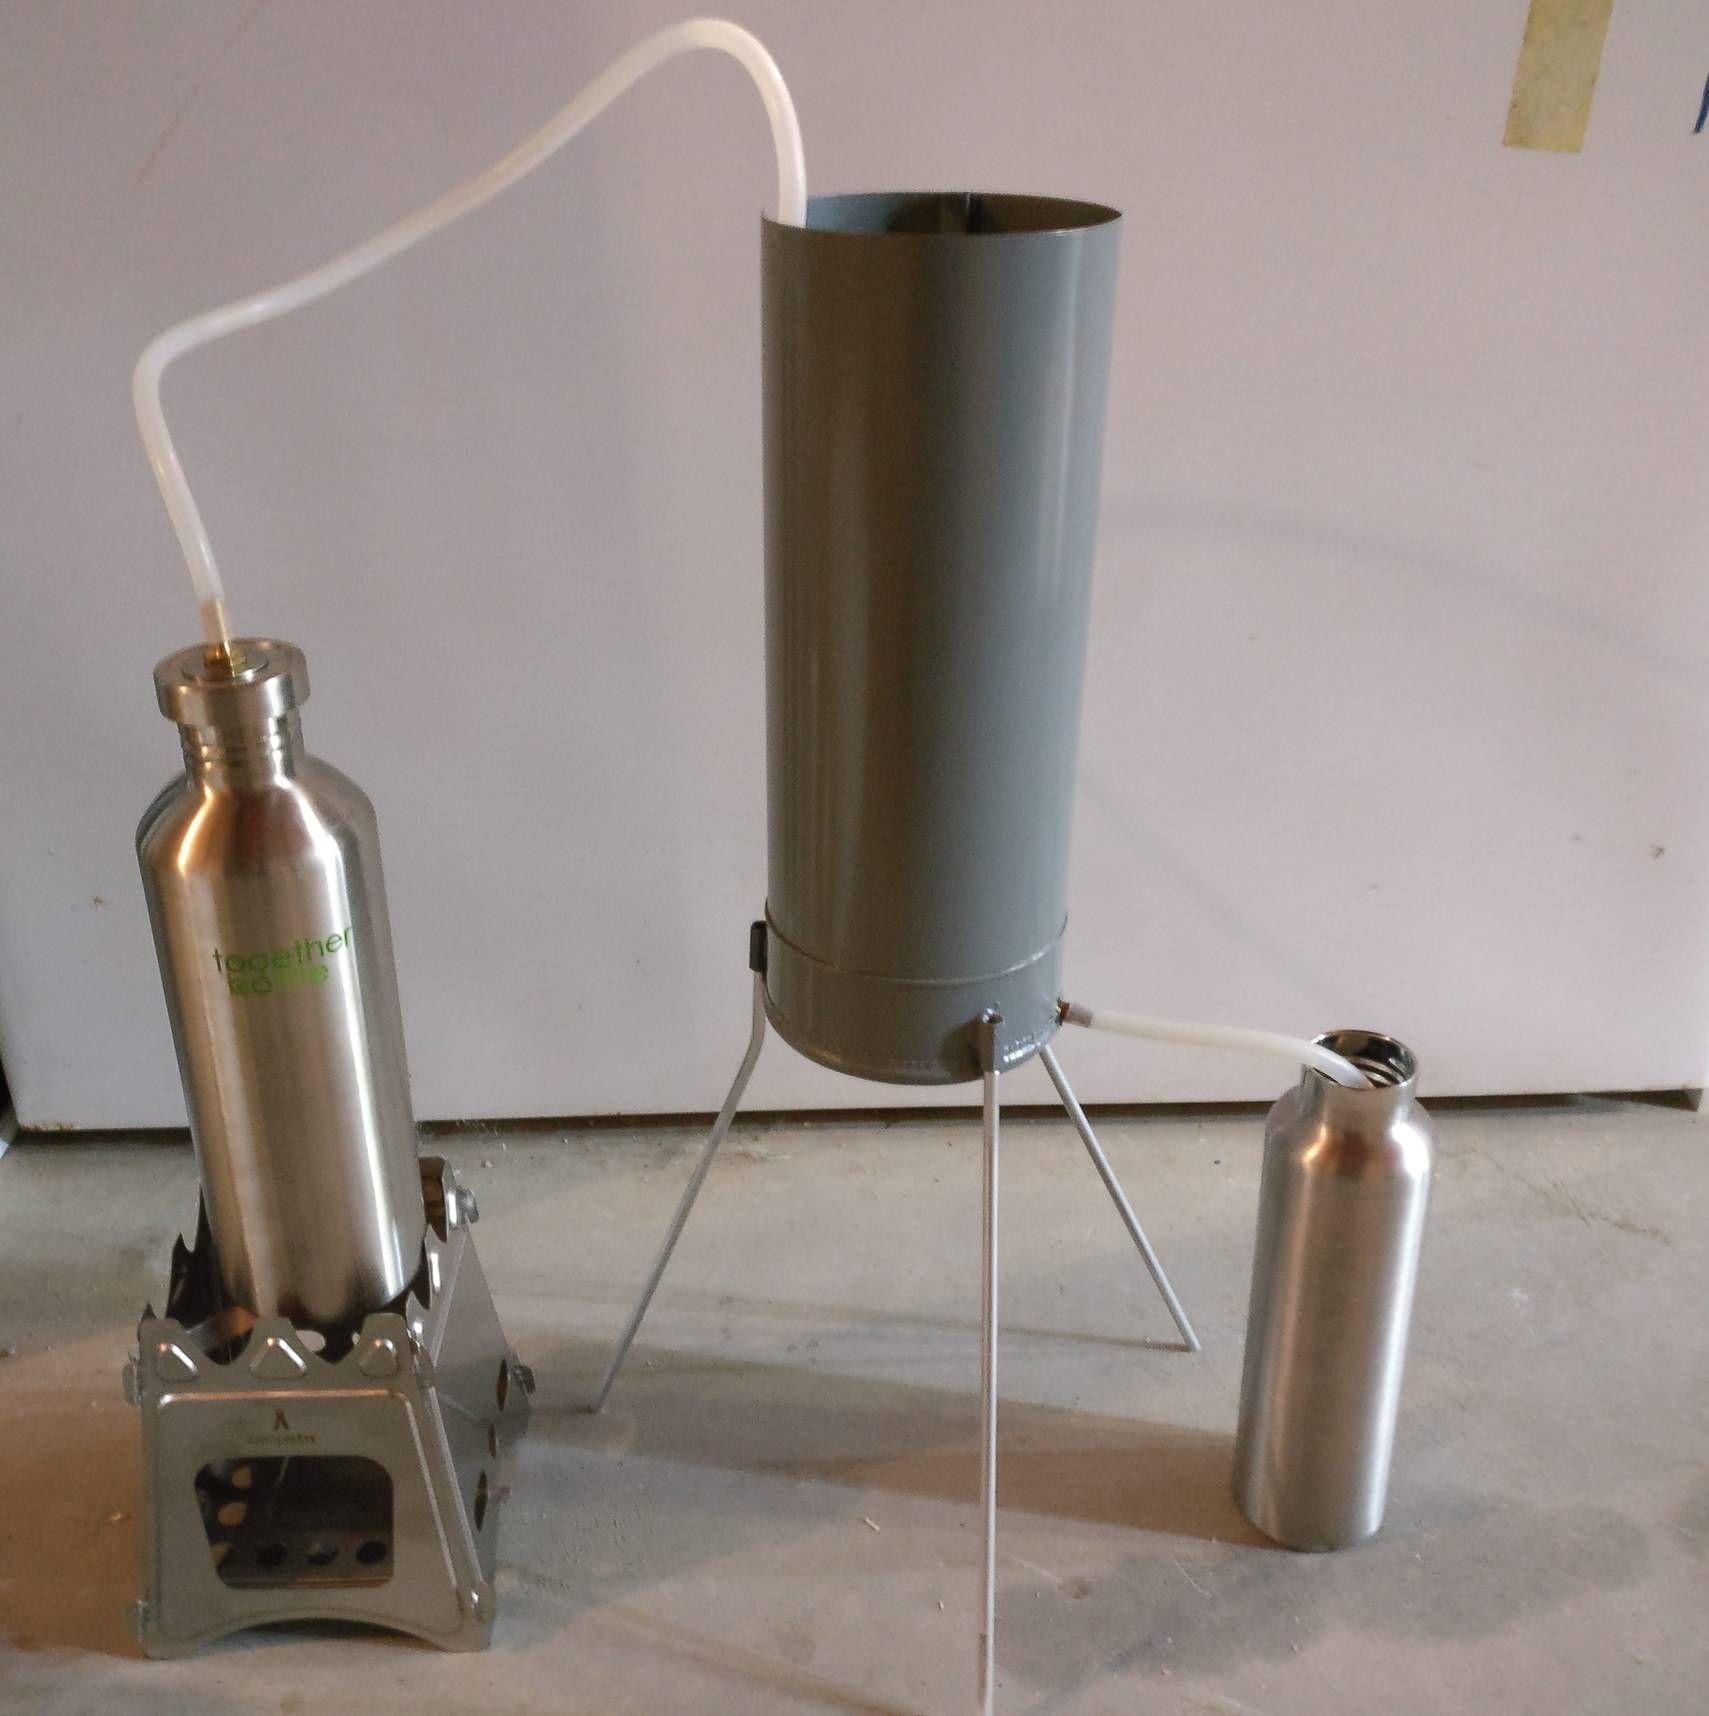 A Portable Water Distiller